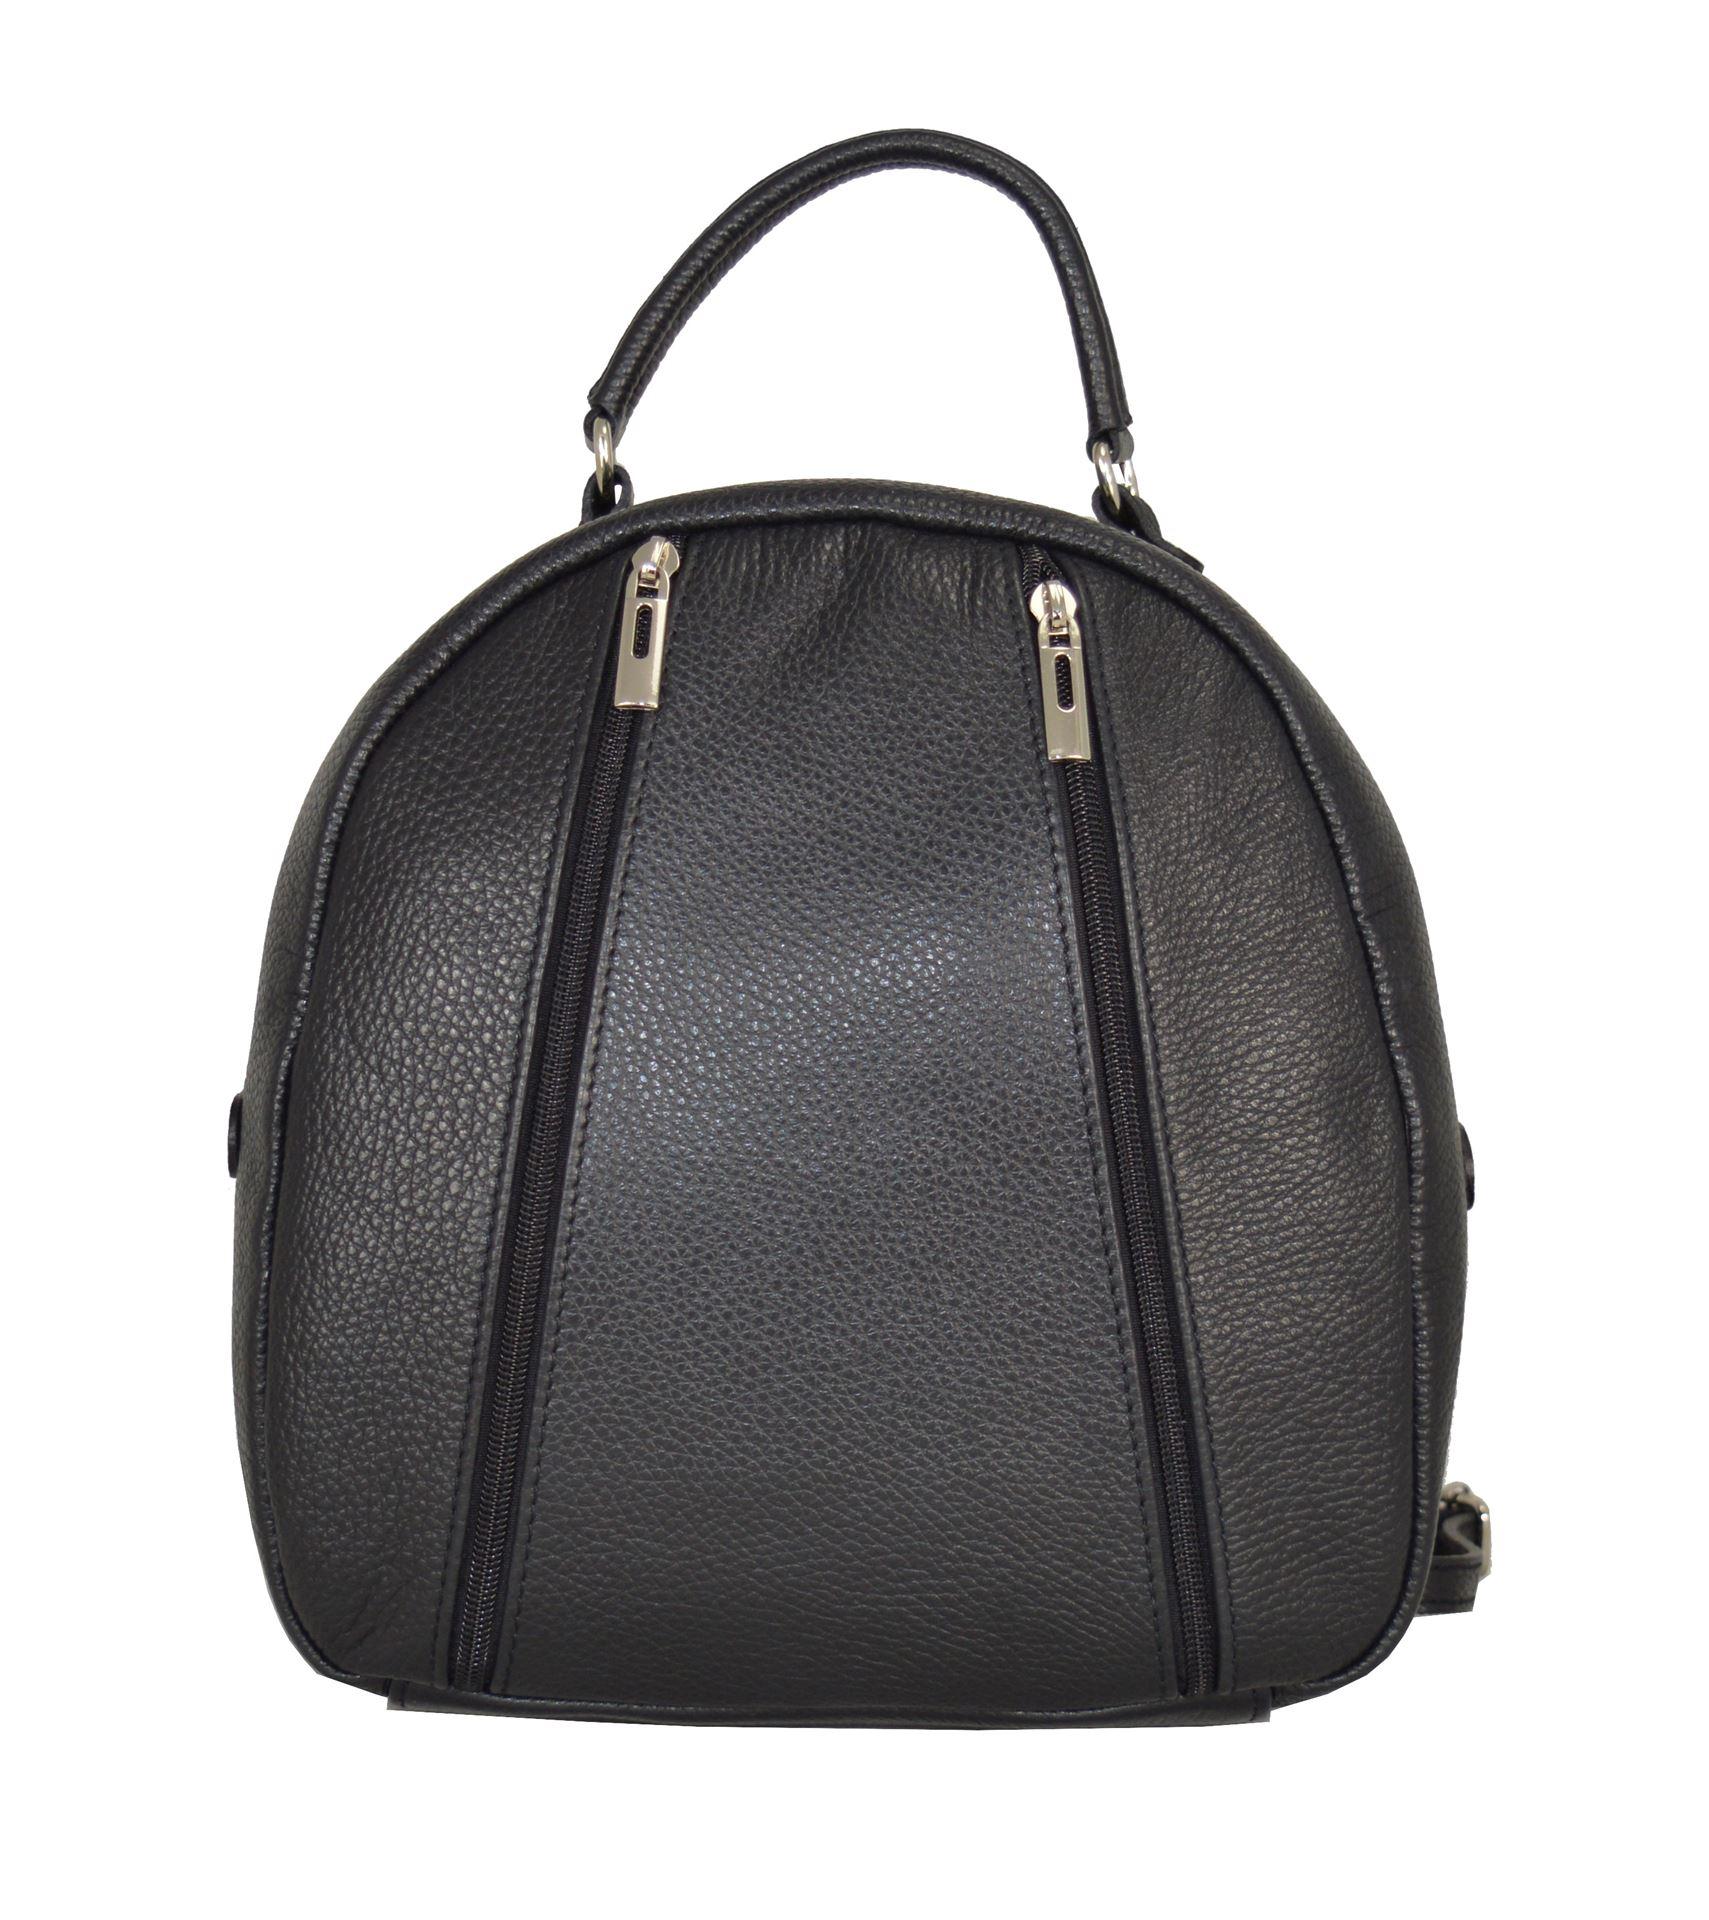 Εικόνα της Δερμάτινη γυναικεία τσάντα πλάτης PE-18002 μαύρη 50a990f86f7